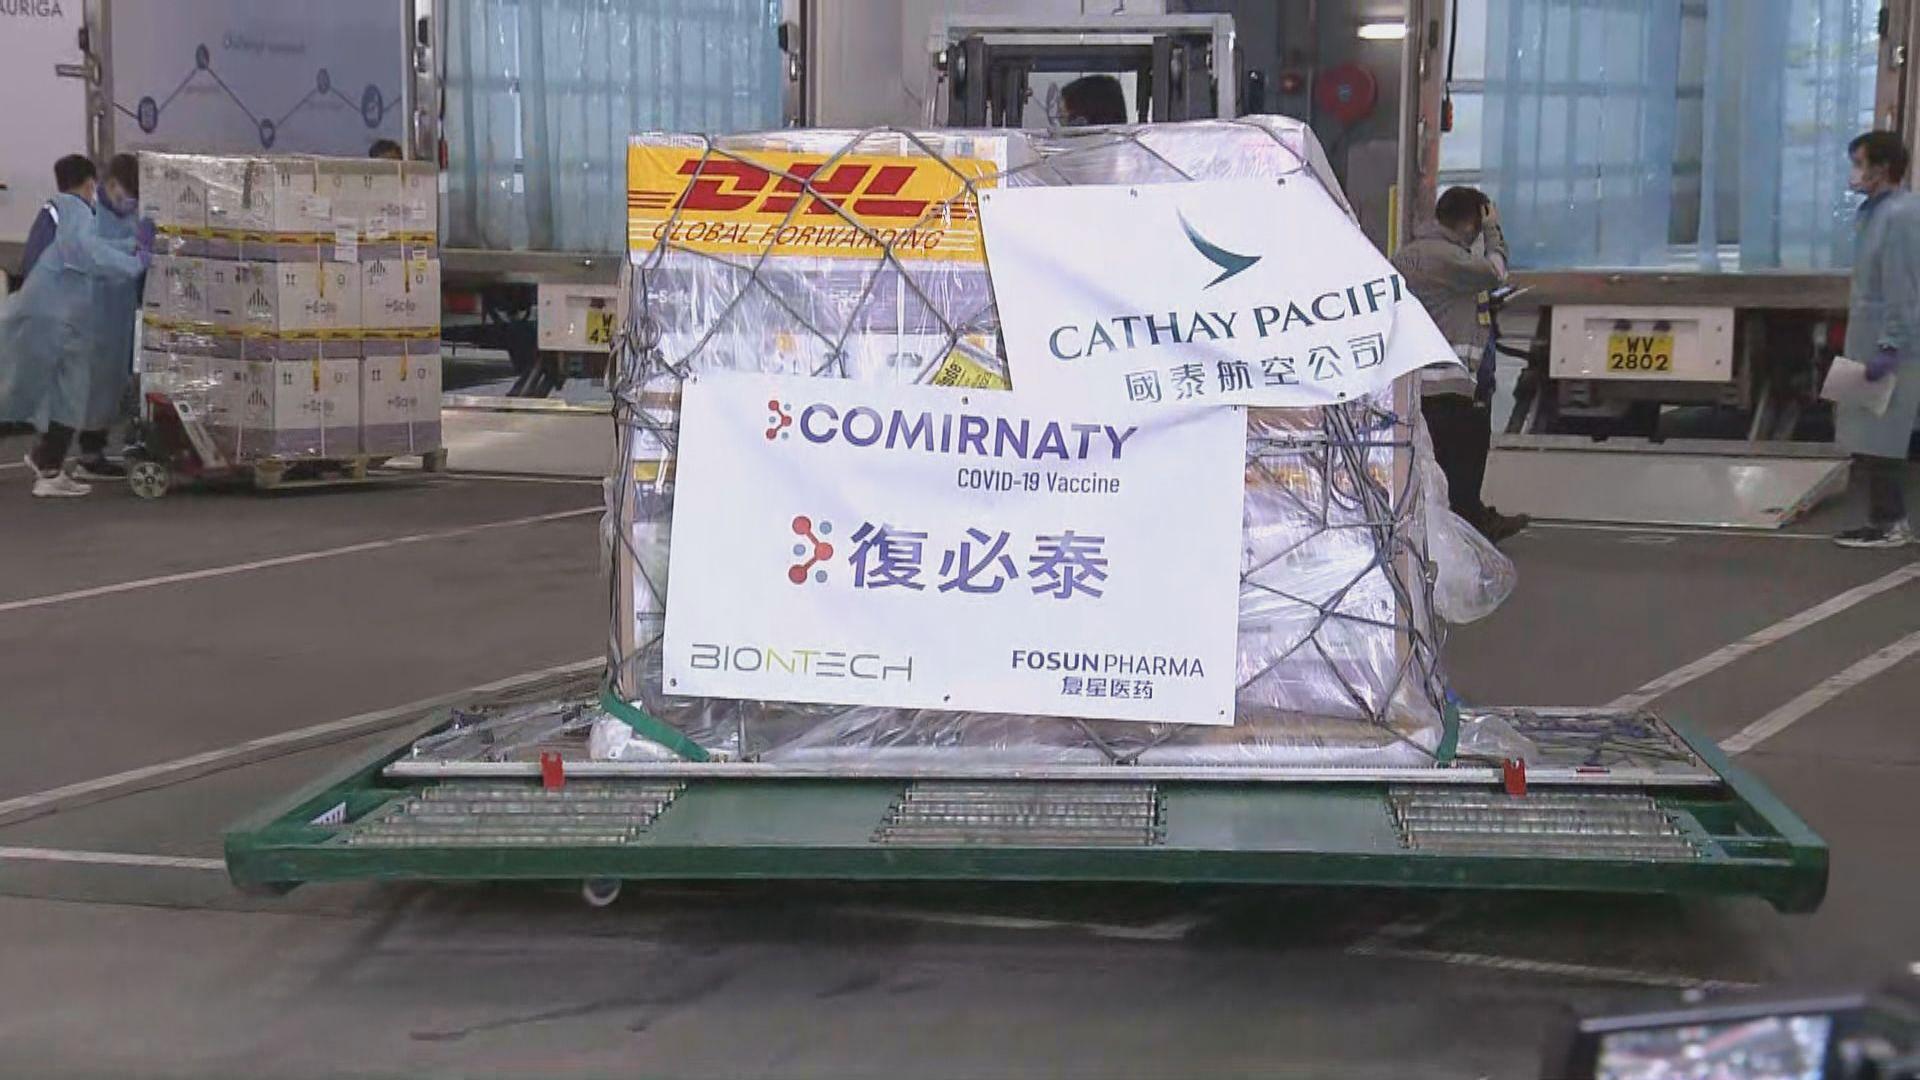 首批復必泰疫苗德國空運抵港 首批餘下劑量三月初運抵